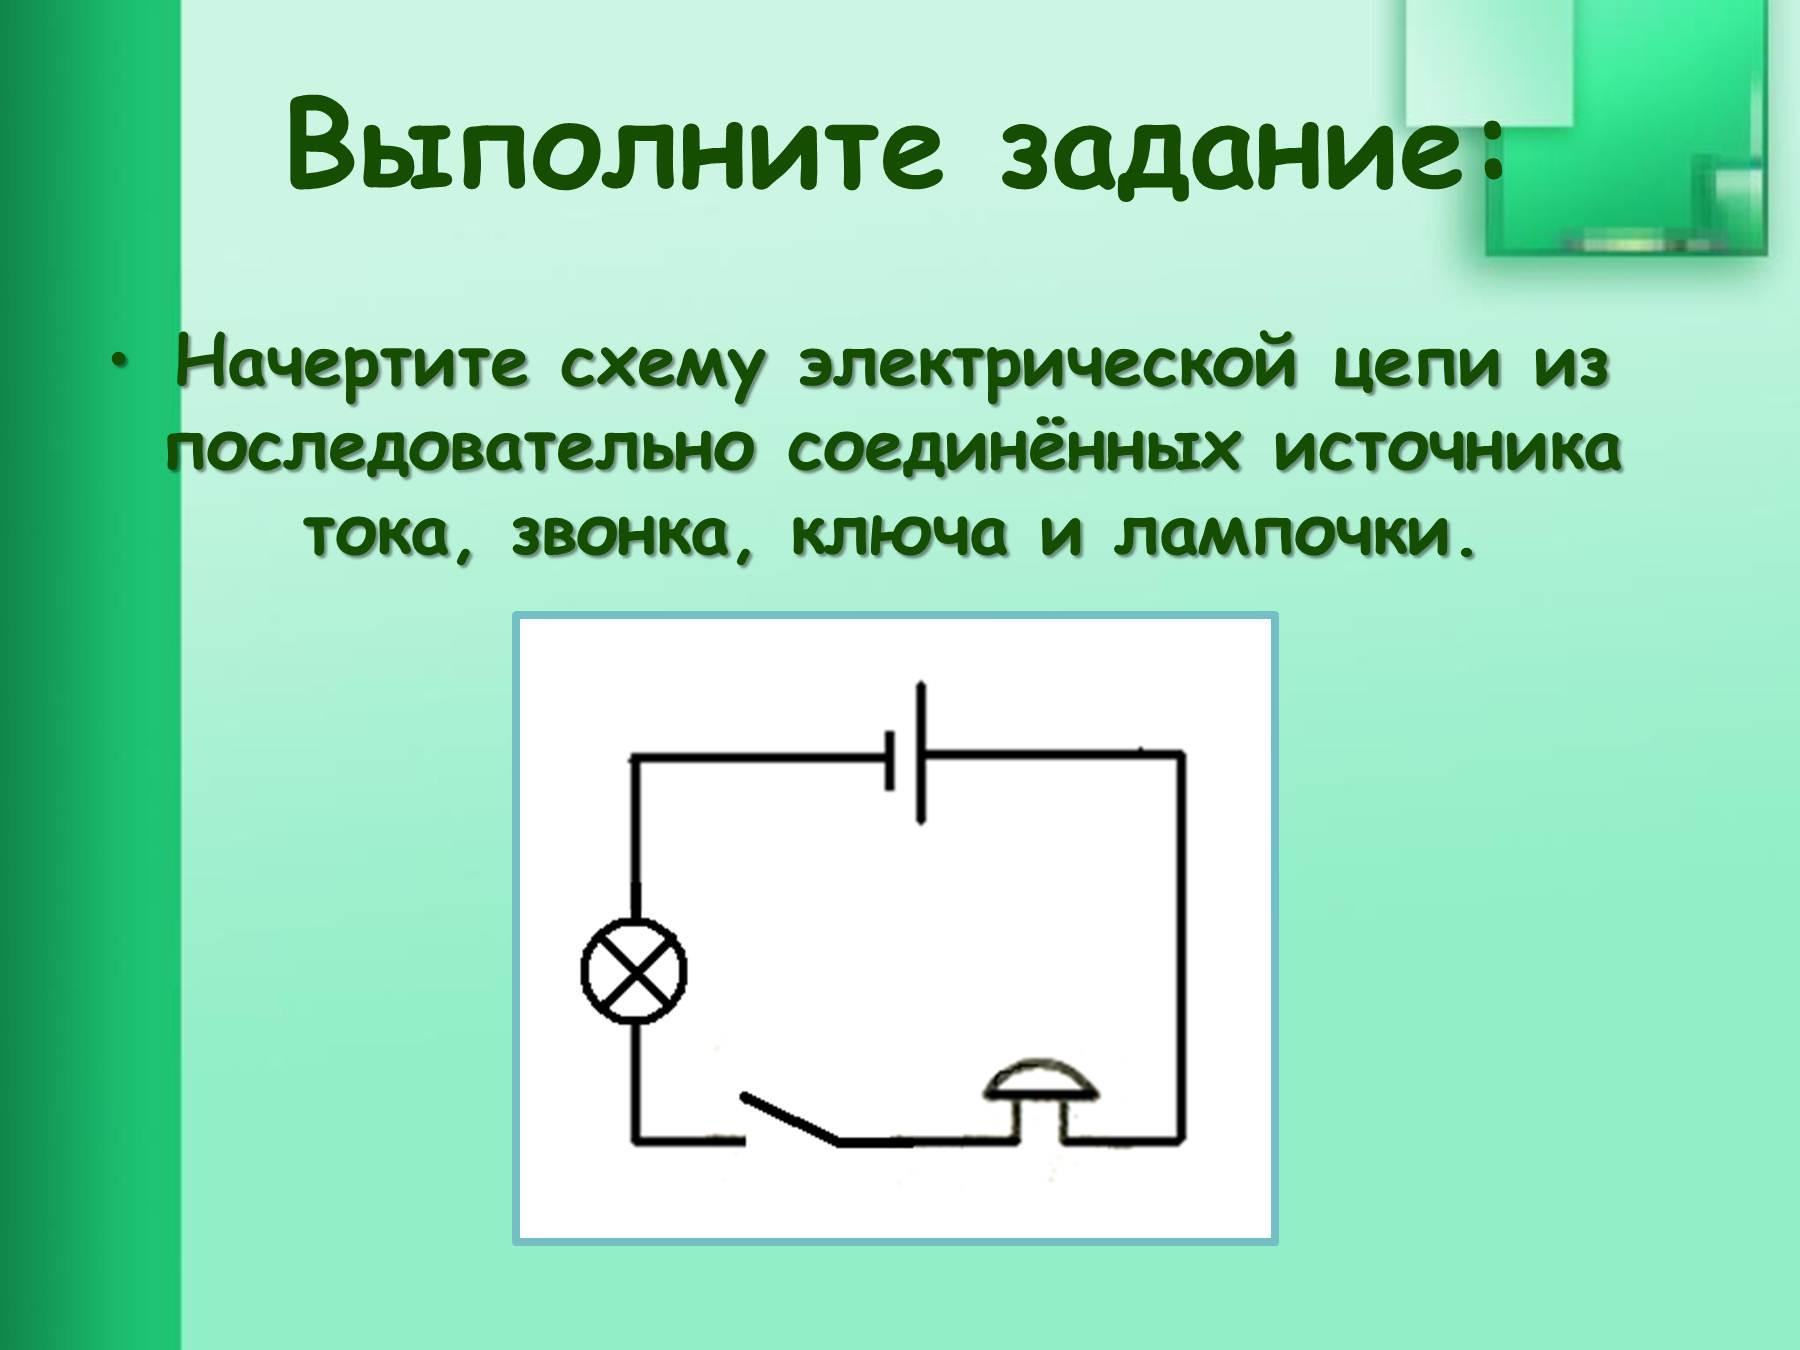 Нарисовать схему электрической цепи